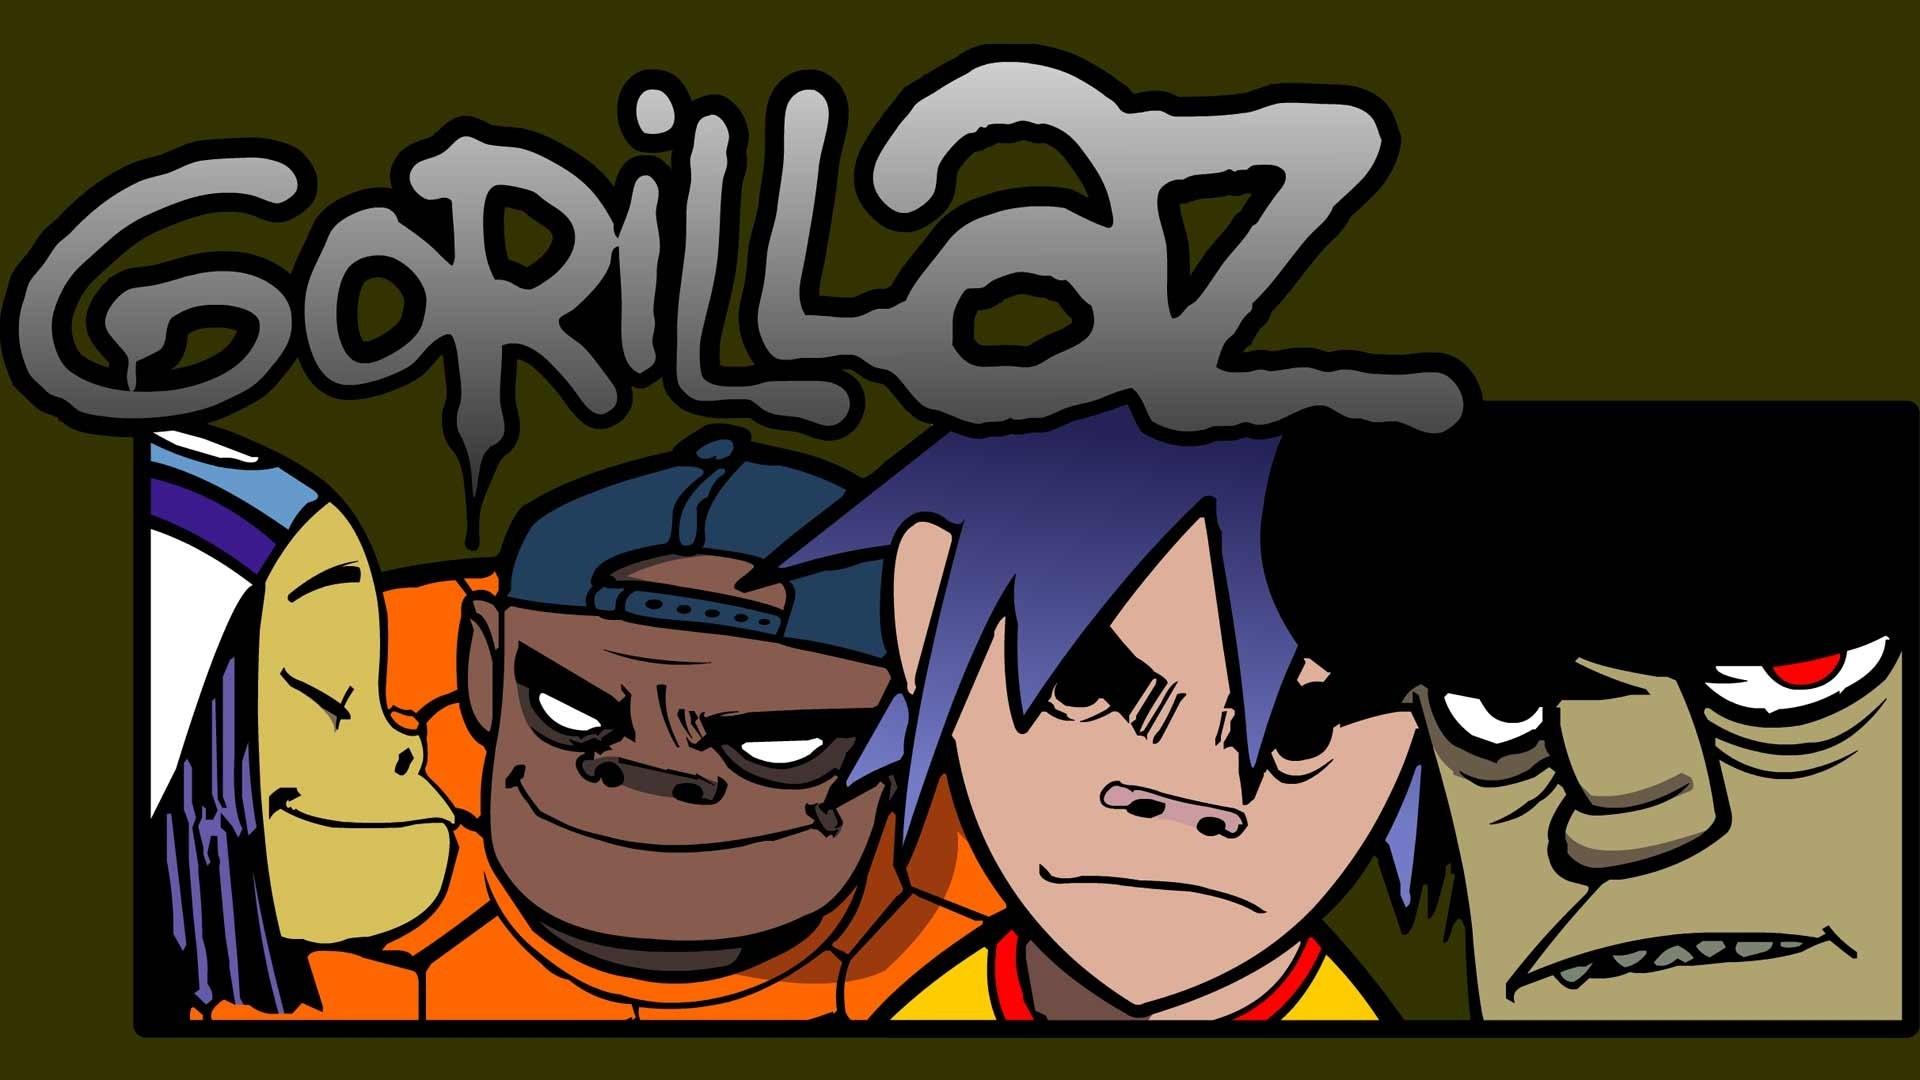 Gorillaz Photos